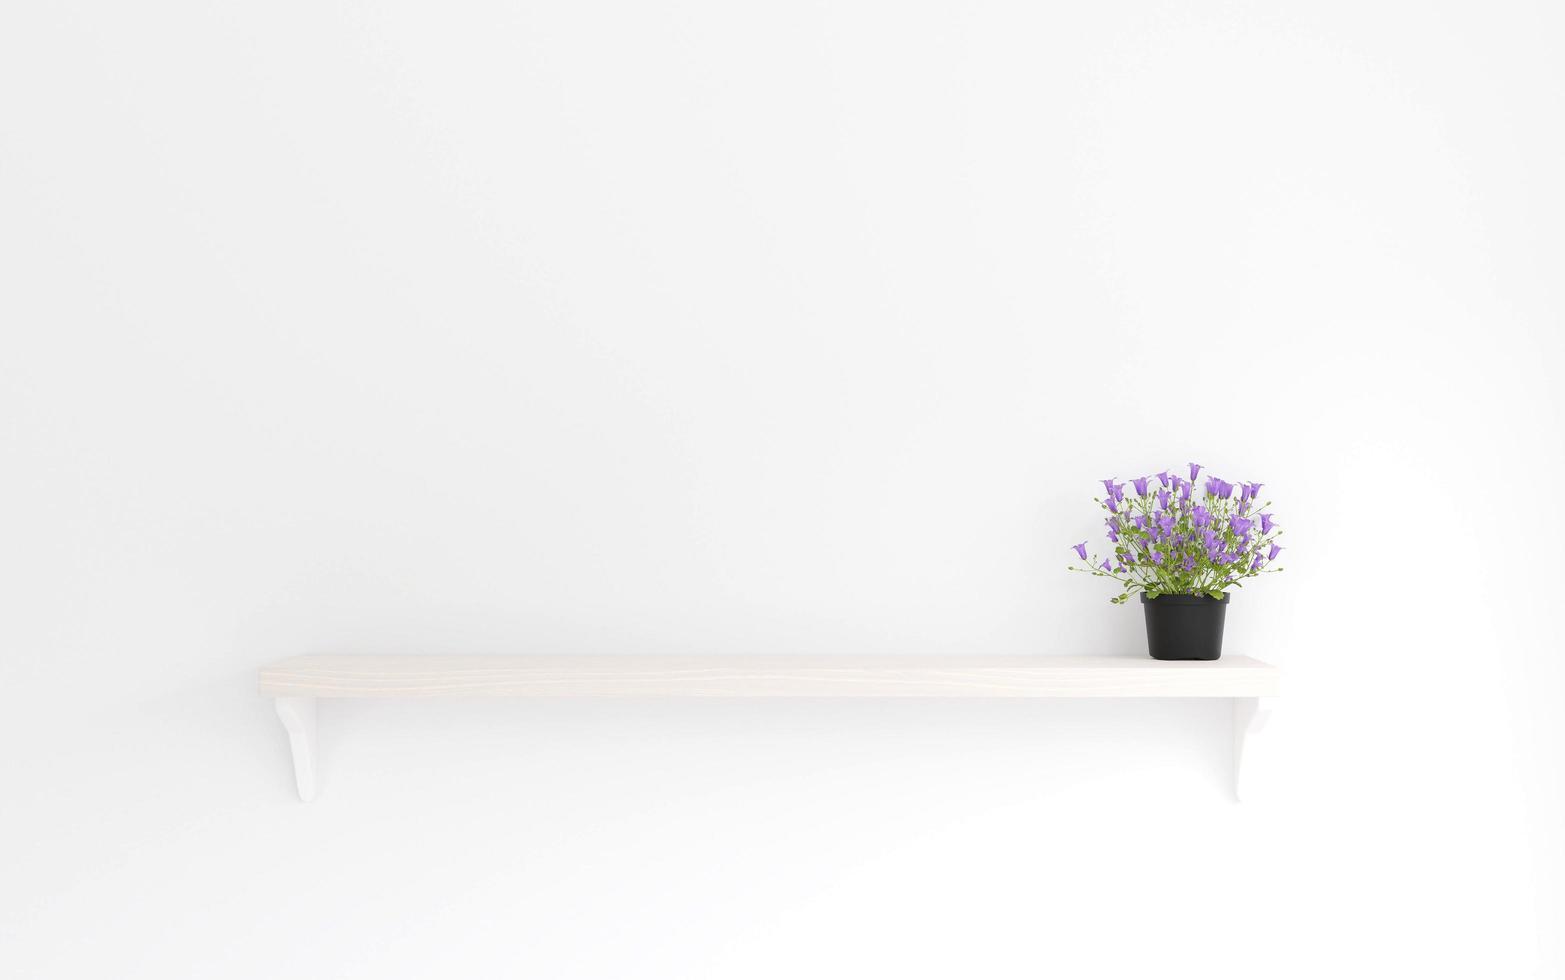 flor roxa de estilo minimalista na prateleira de madeira foto